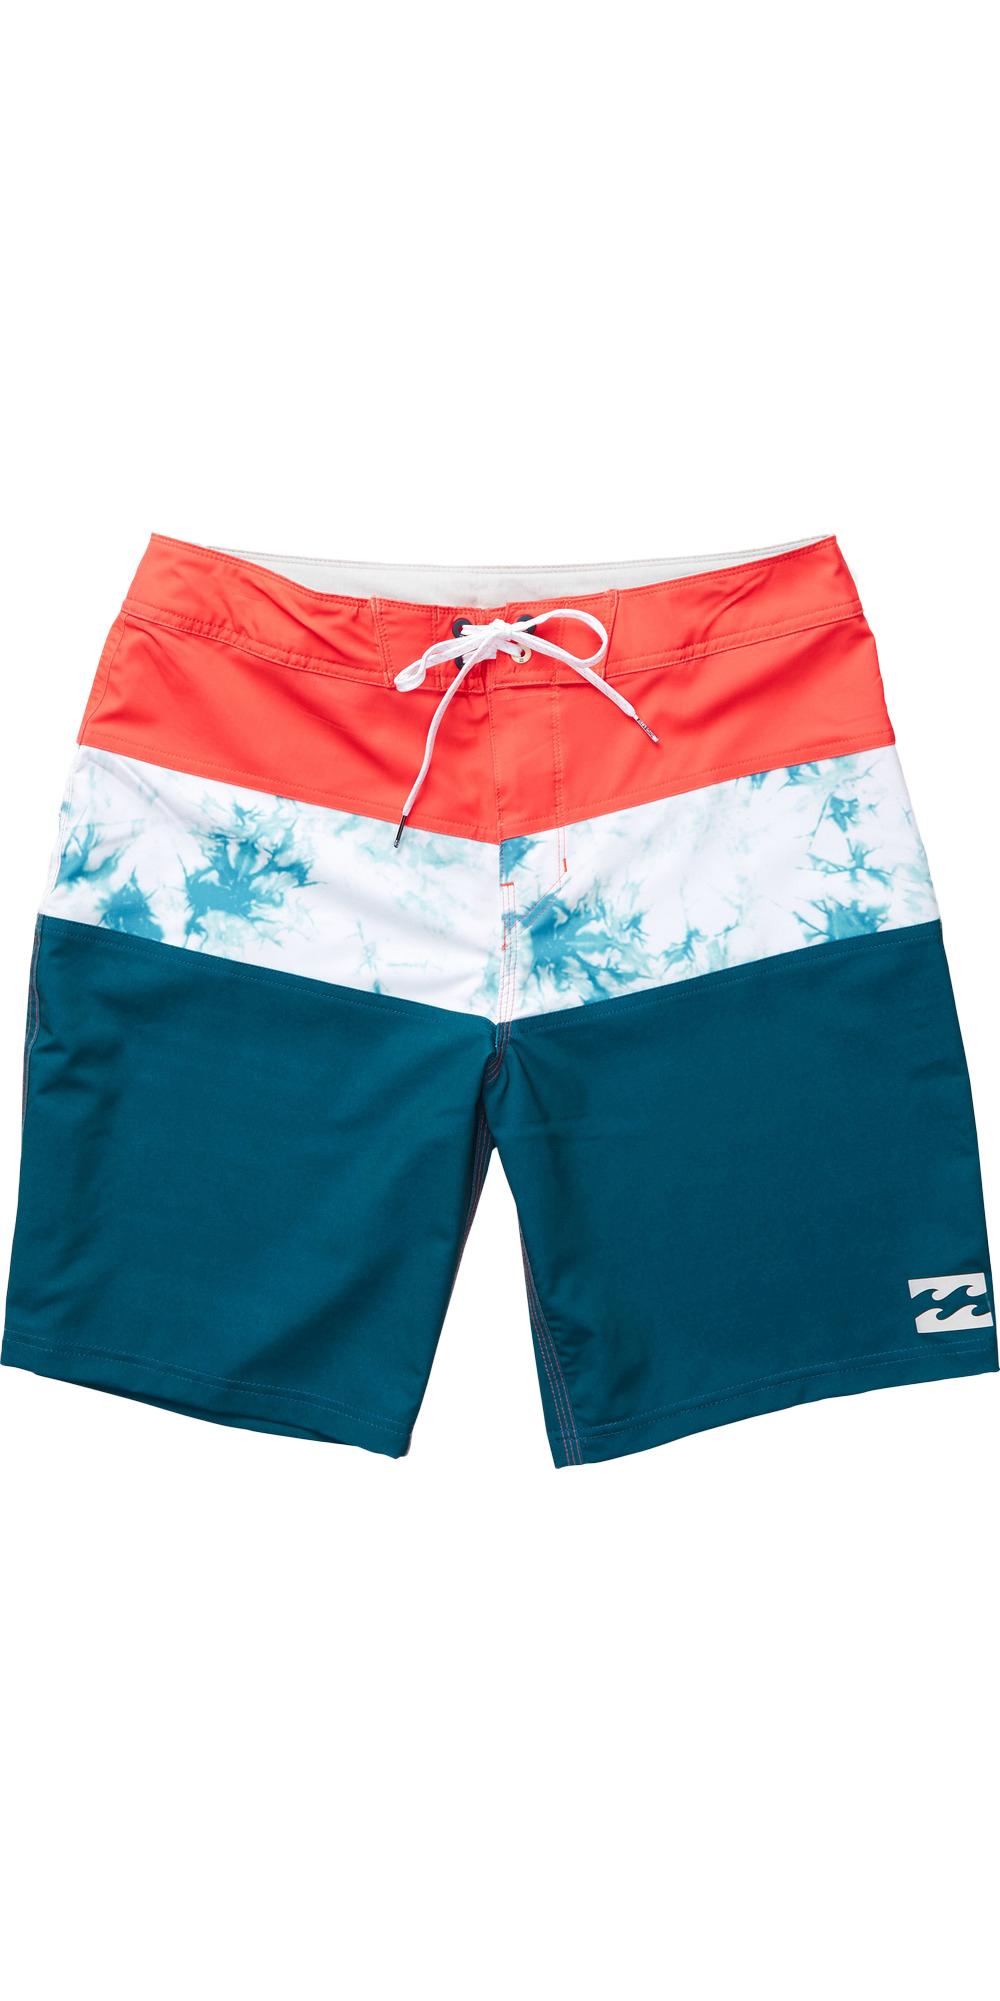 board shorts 2017 billabong tribong x 18 fpcdfbo